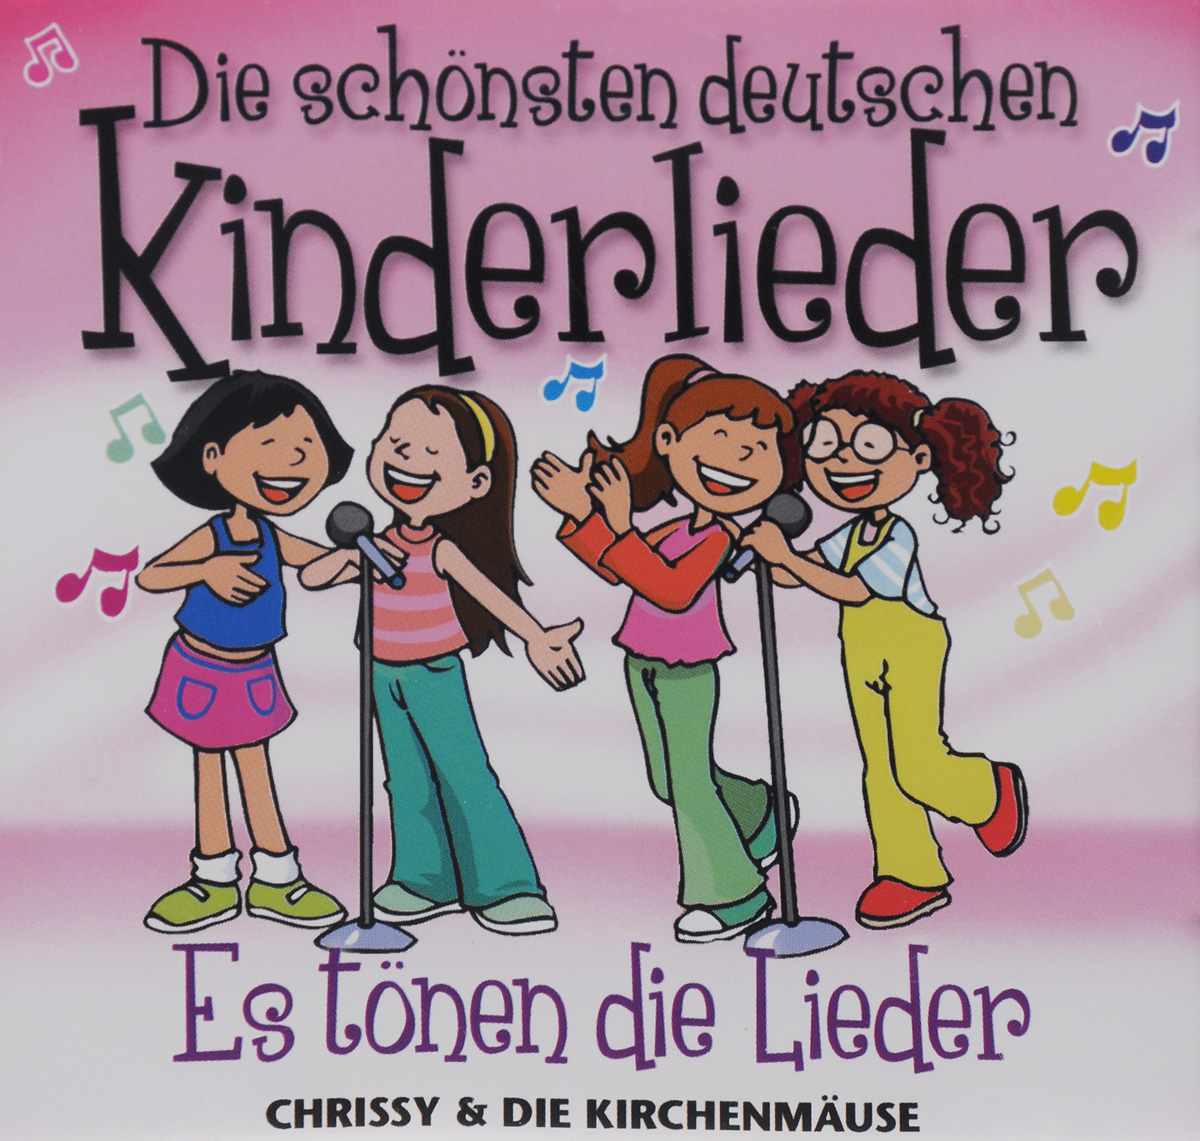 Chrissy,Die Kirchenmause Die Schonsten Deutschen Kinderlieder. Es Tonen die Lieder (CD) die lochis magdeburg